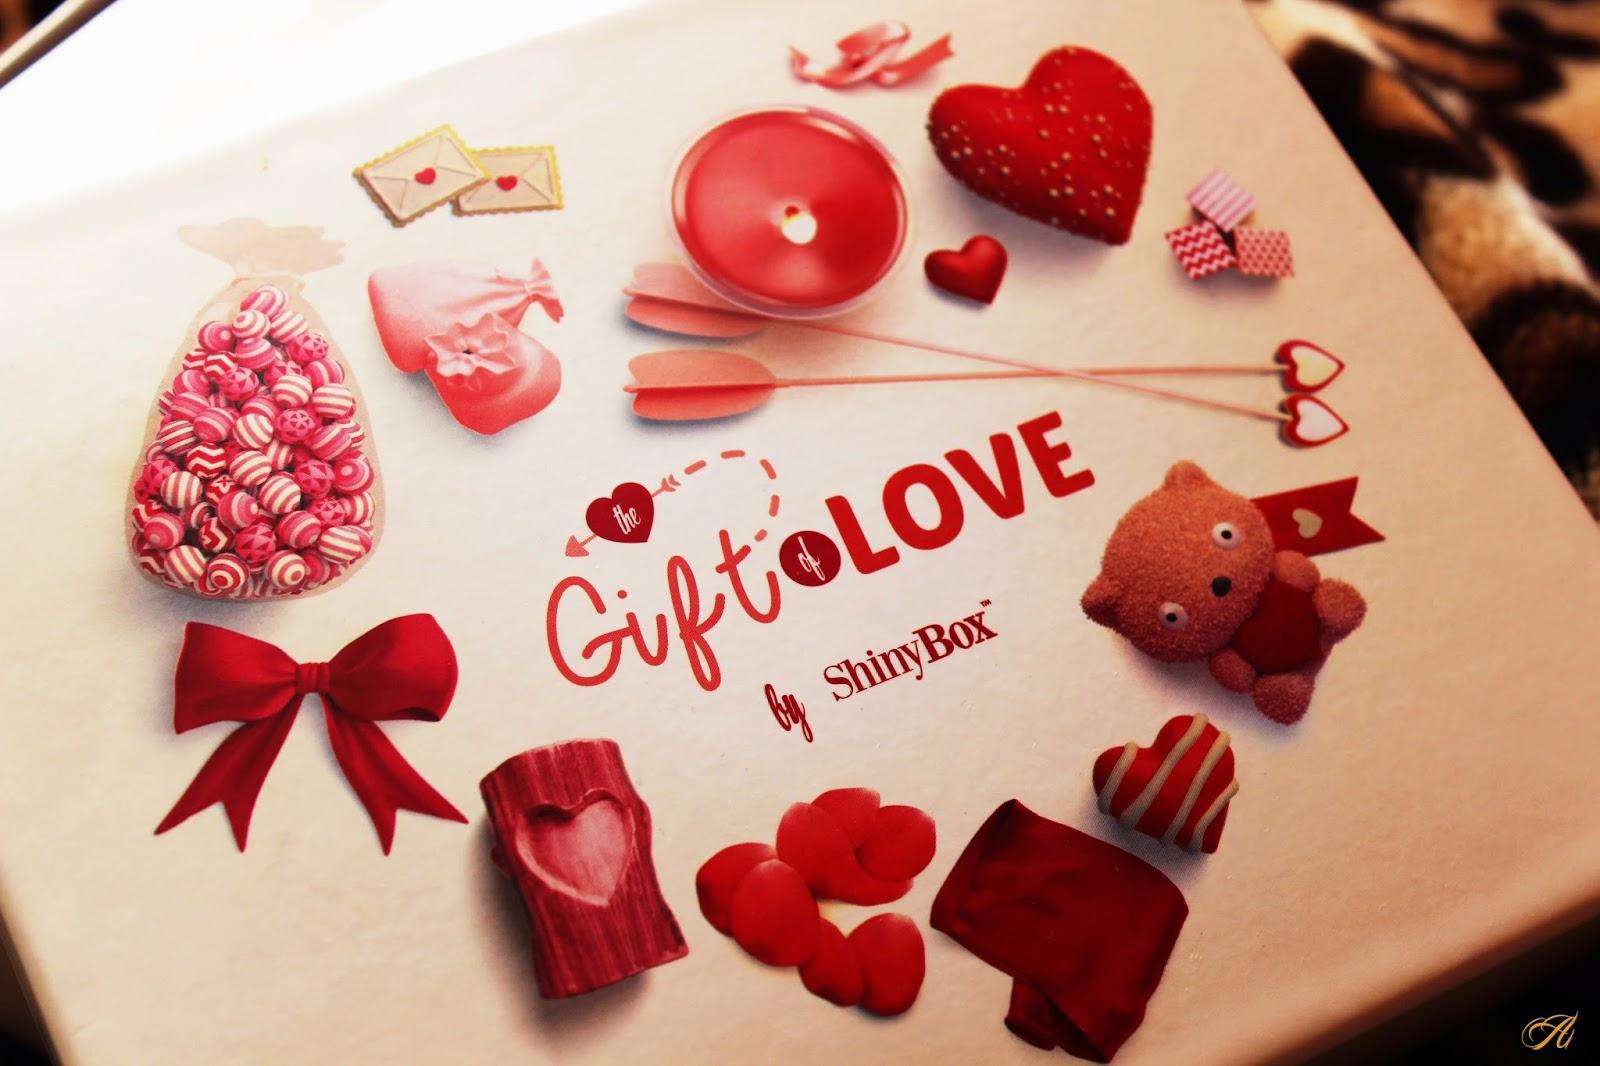 ShinyBox Luty 2015 - The Gift of Love